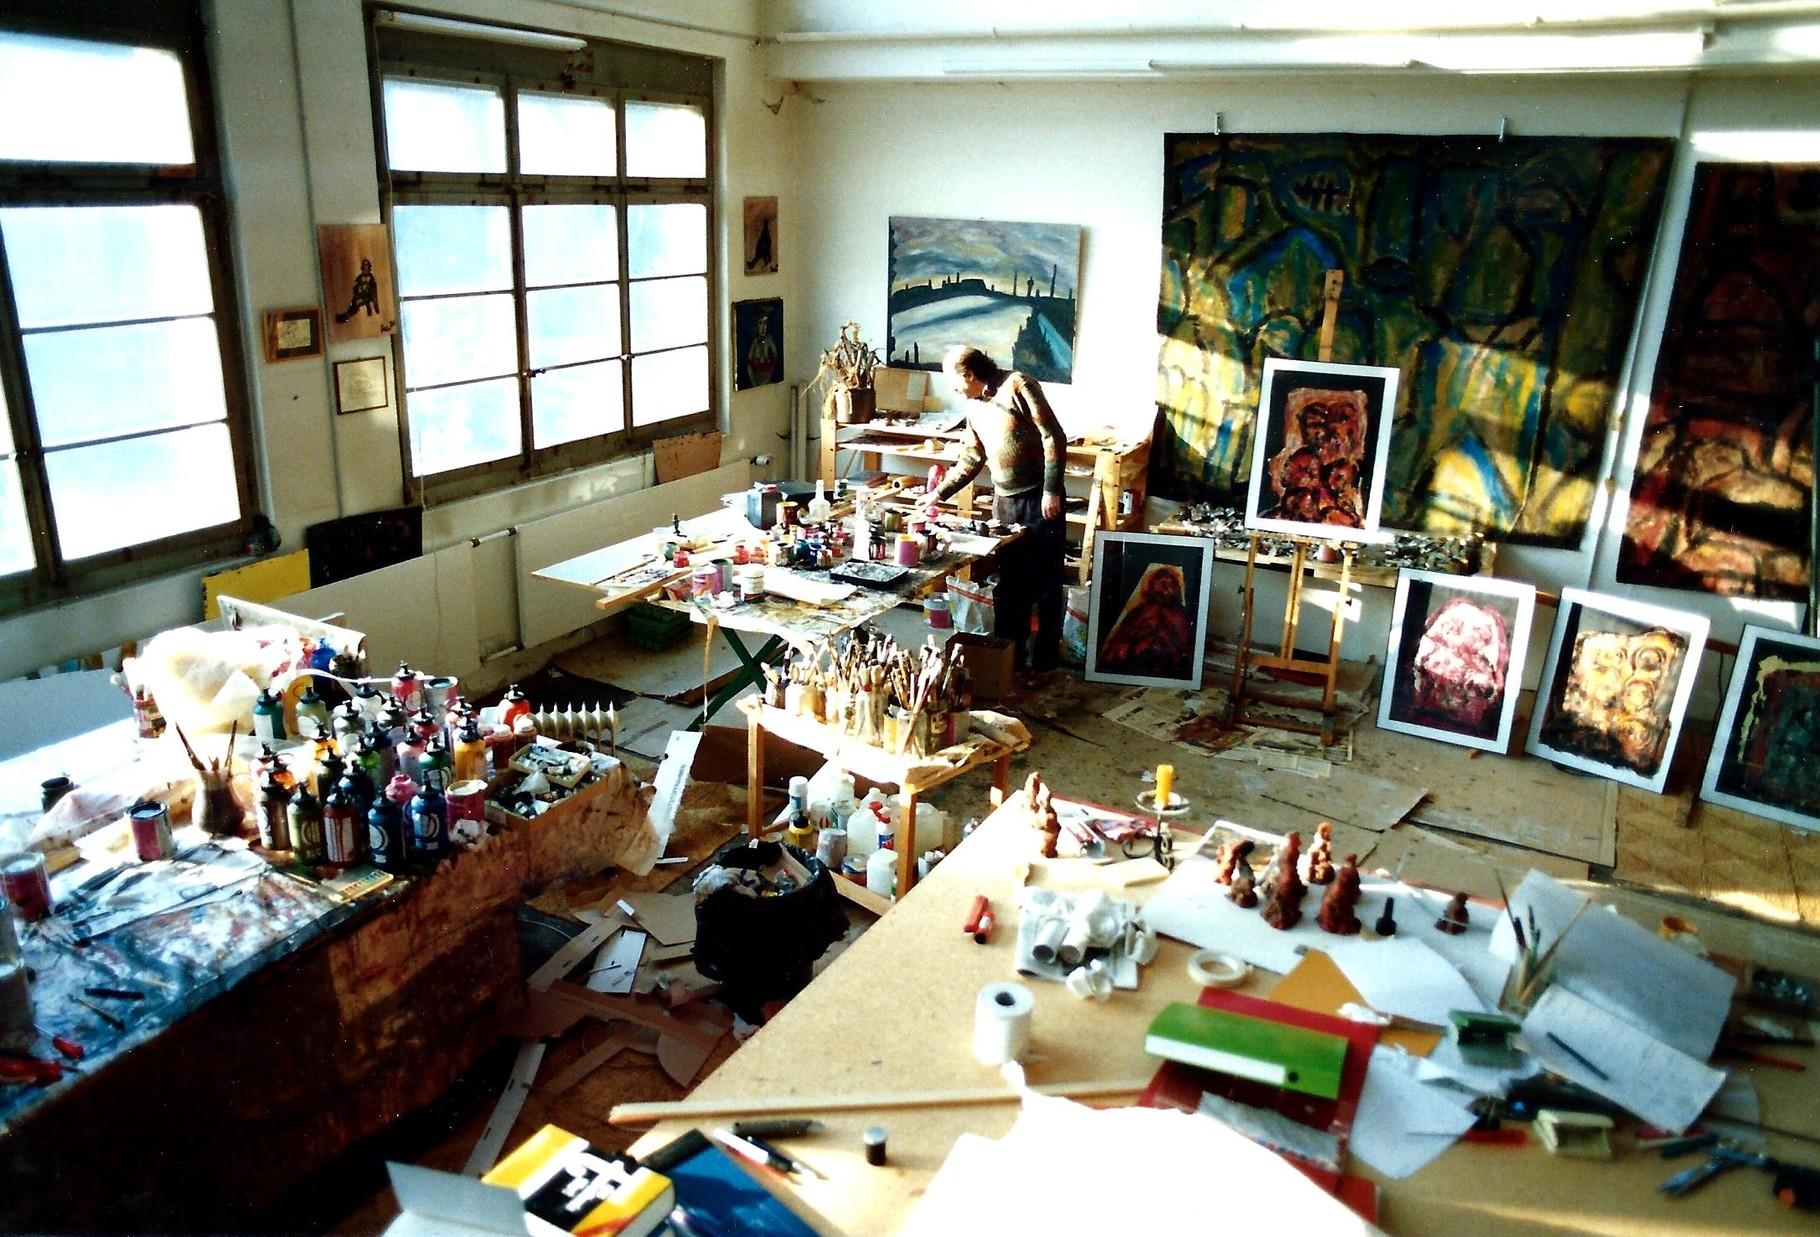 Pedro Meier Multimedia Artist im lichtdurchfluteten Atelier »Alte Gärbi« Aarburg – Die Fenster öffnen den Blick auf die vorbeifliessnde Aare – im Hintergrund riesige Ölbilder auf Sack Jute »Tanzende« – alles verbrannt 2001 –© 1993 Pedro Meier Niederbipp